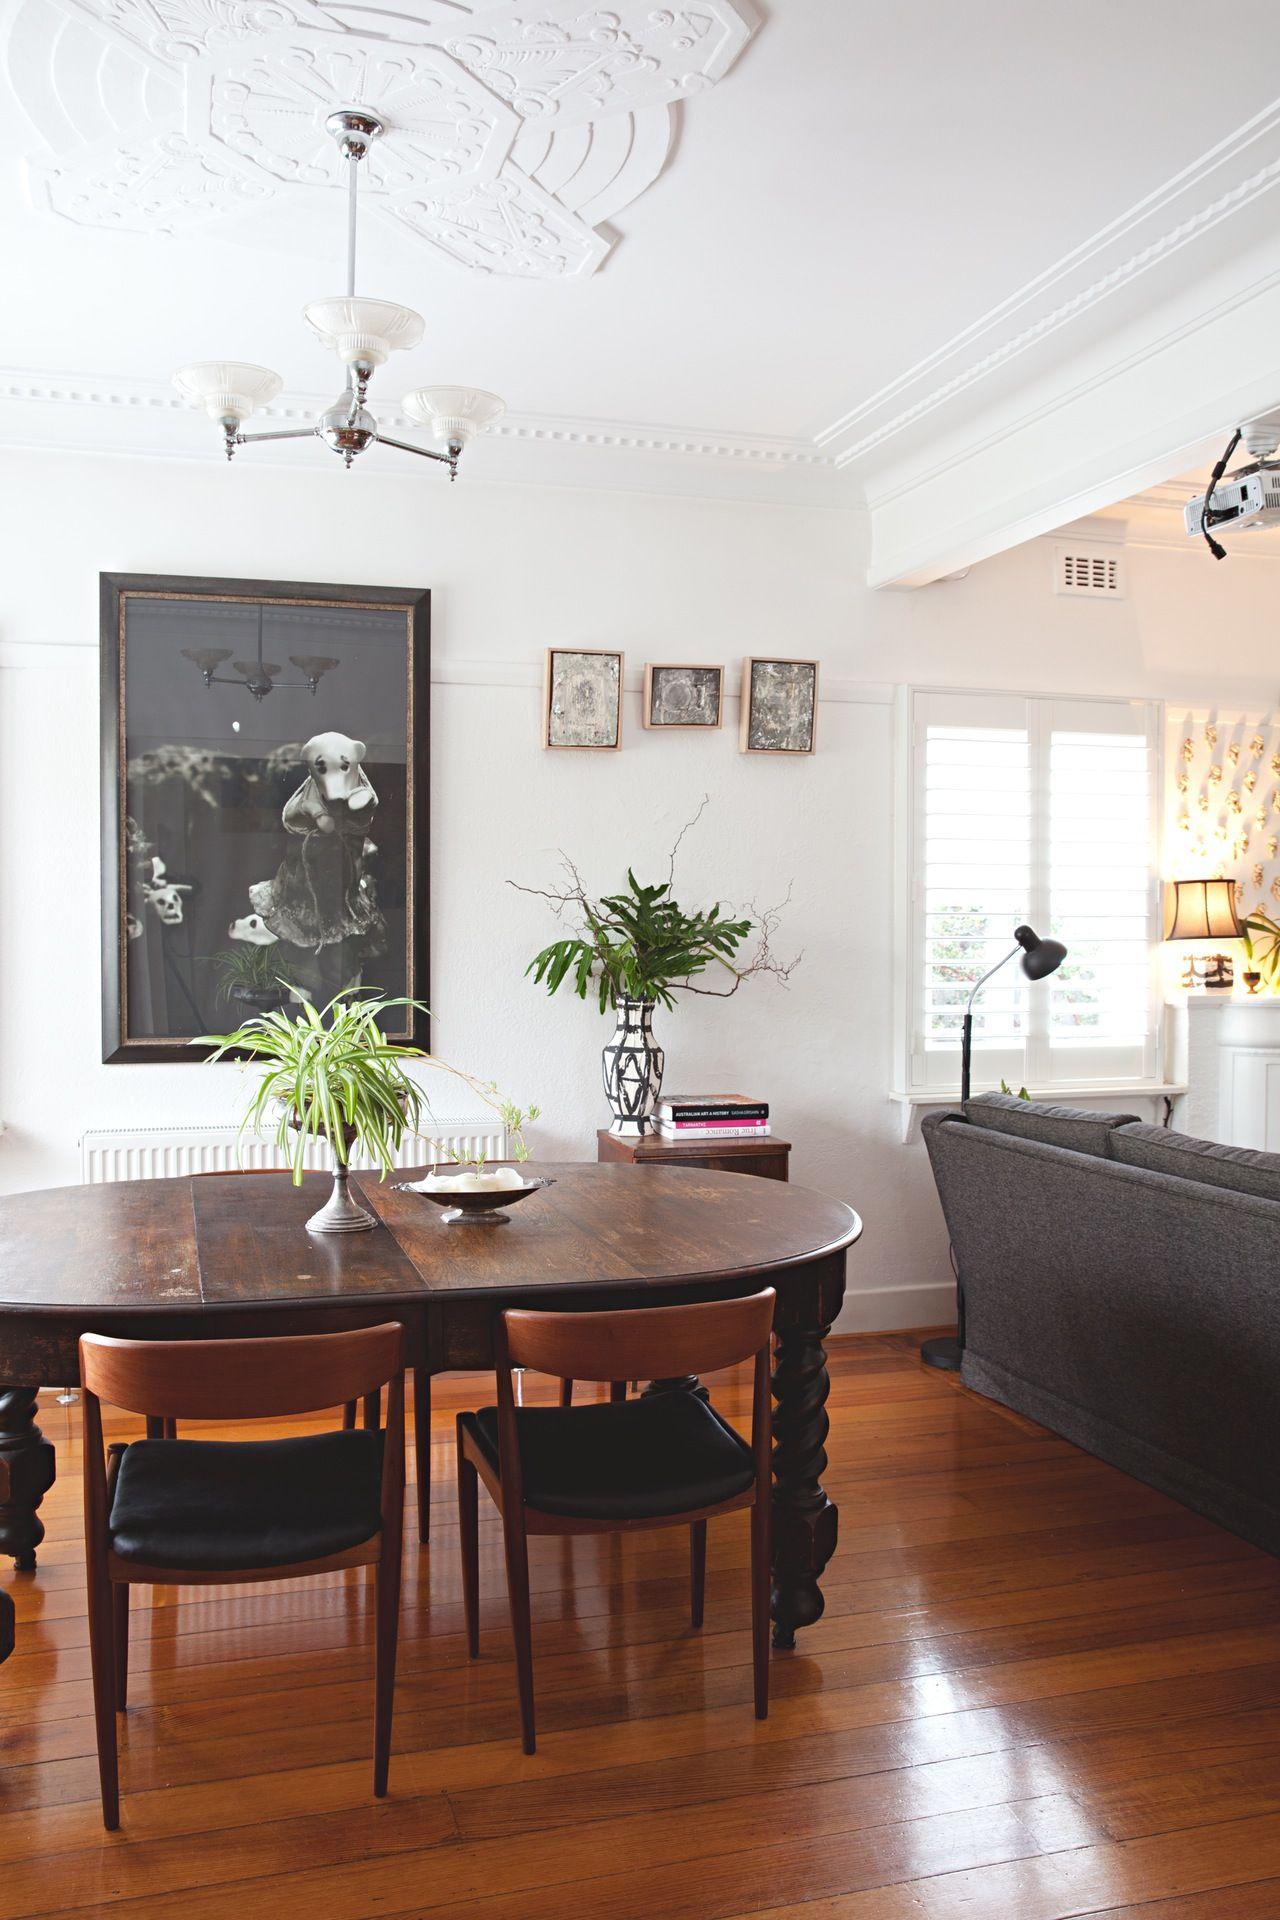 House Tour: An Art Deco, Art-Filled Australian Home | Art deco art ...